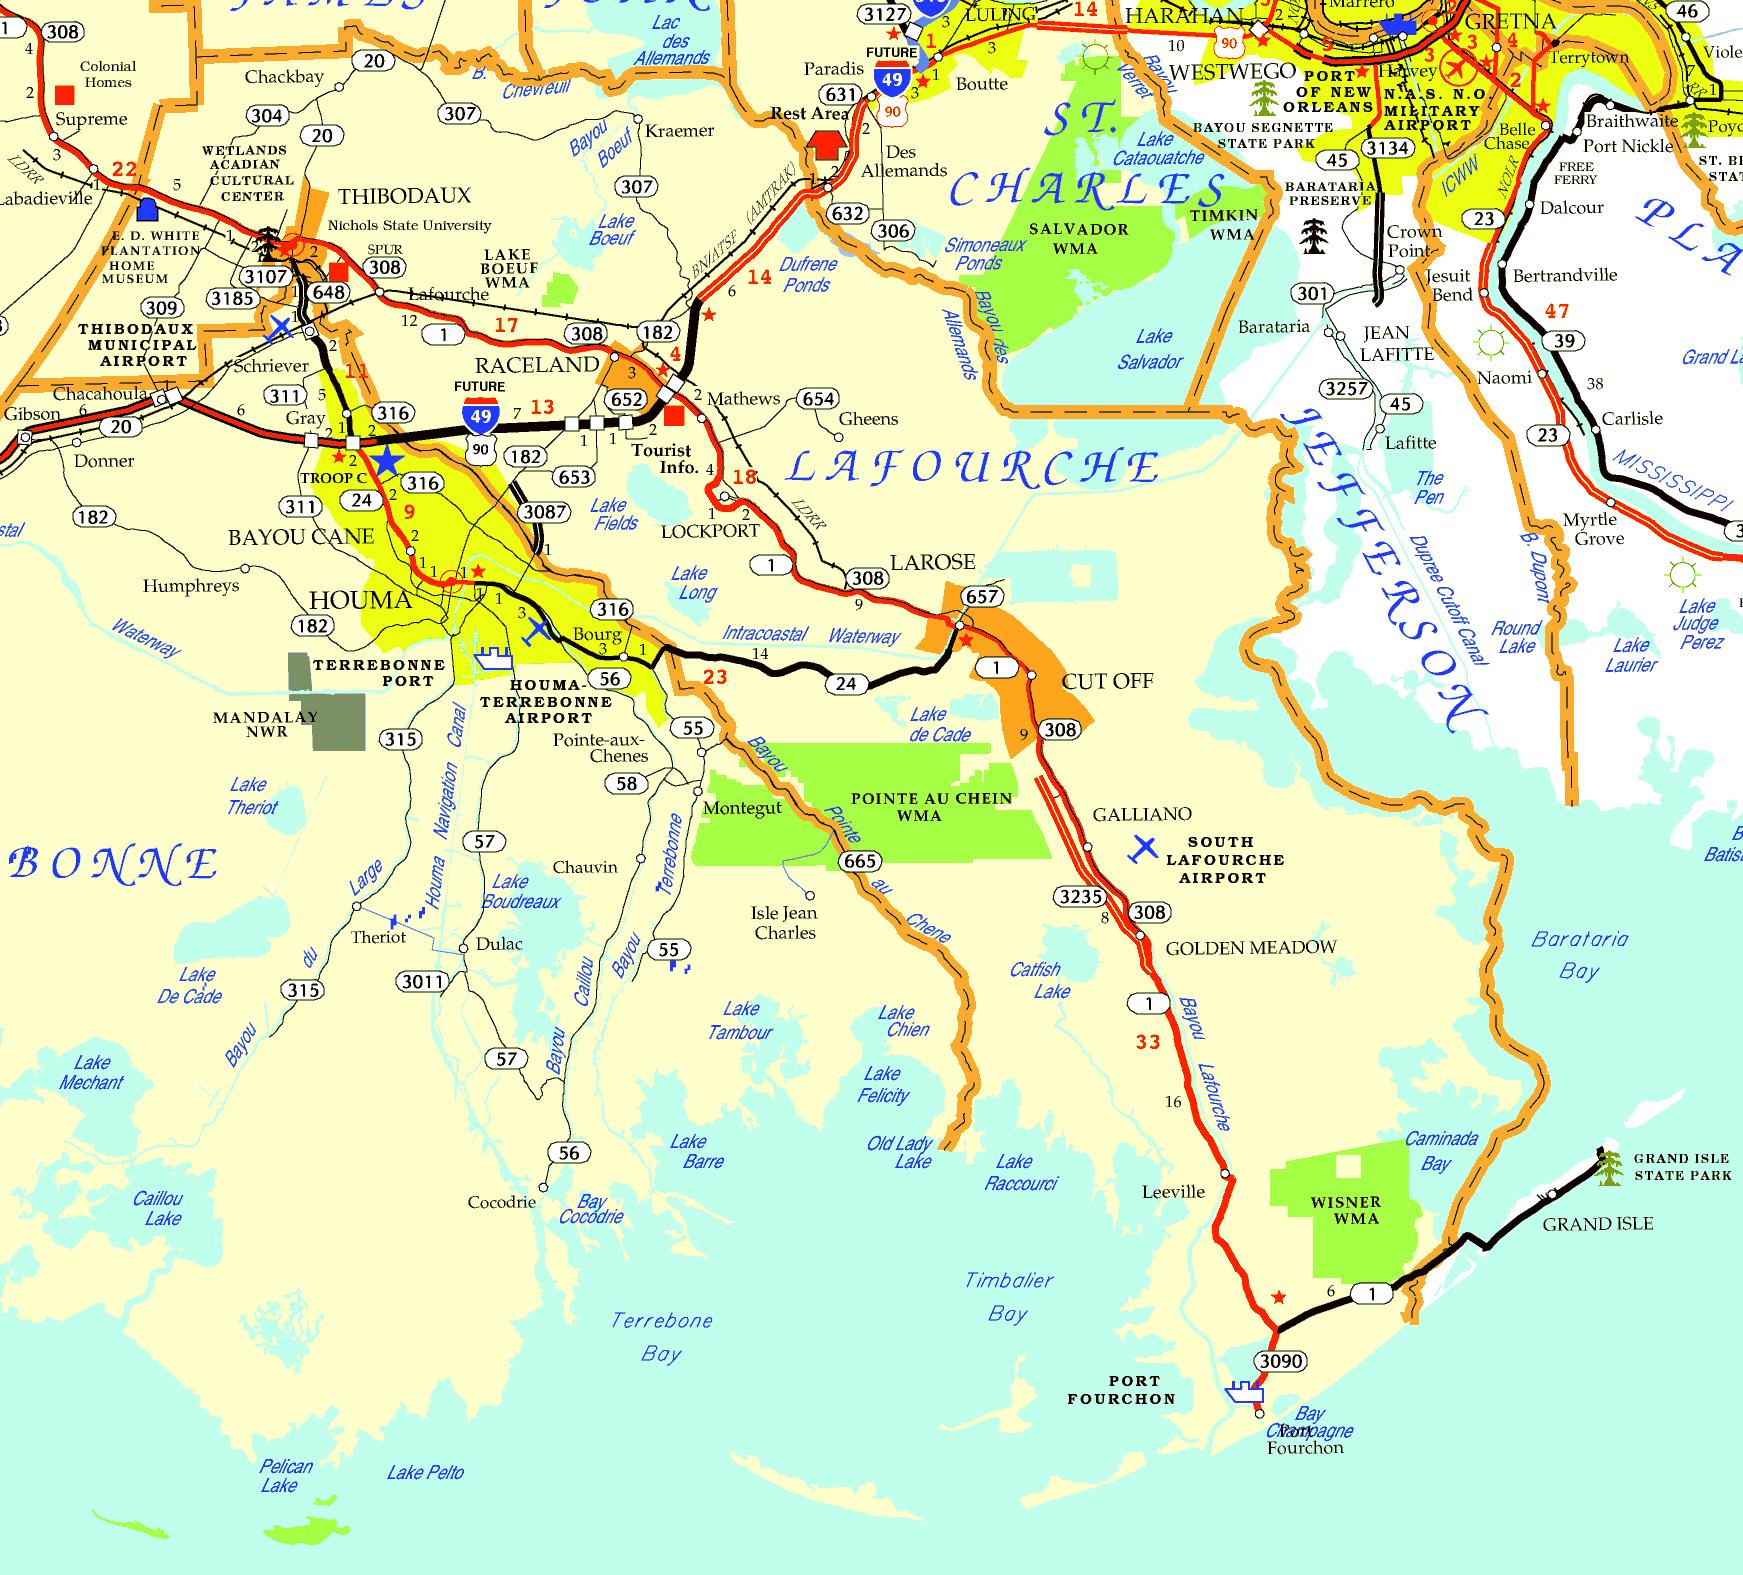 DOTD Tourism Map of Lafourche Parish